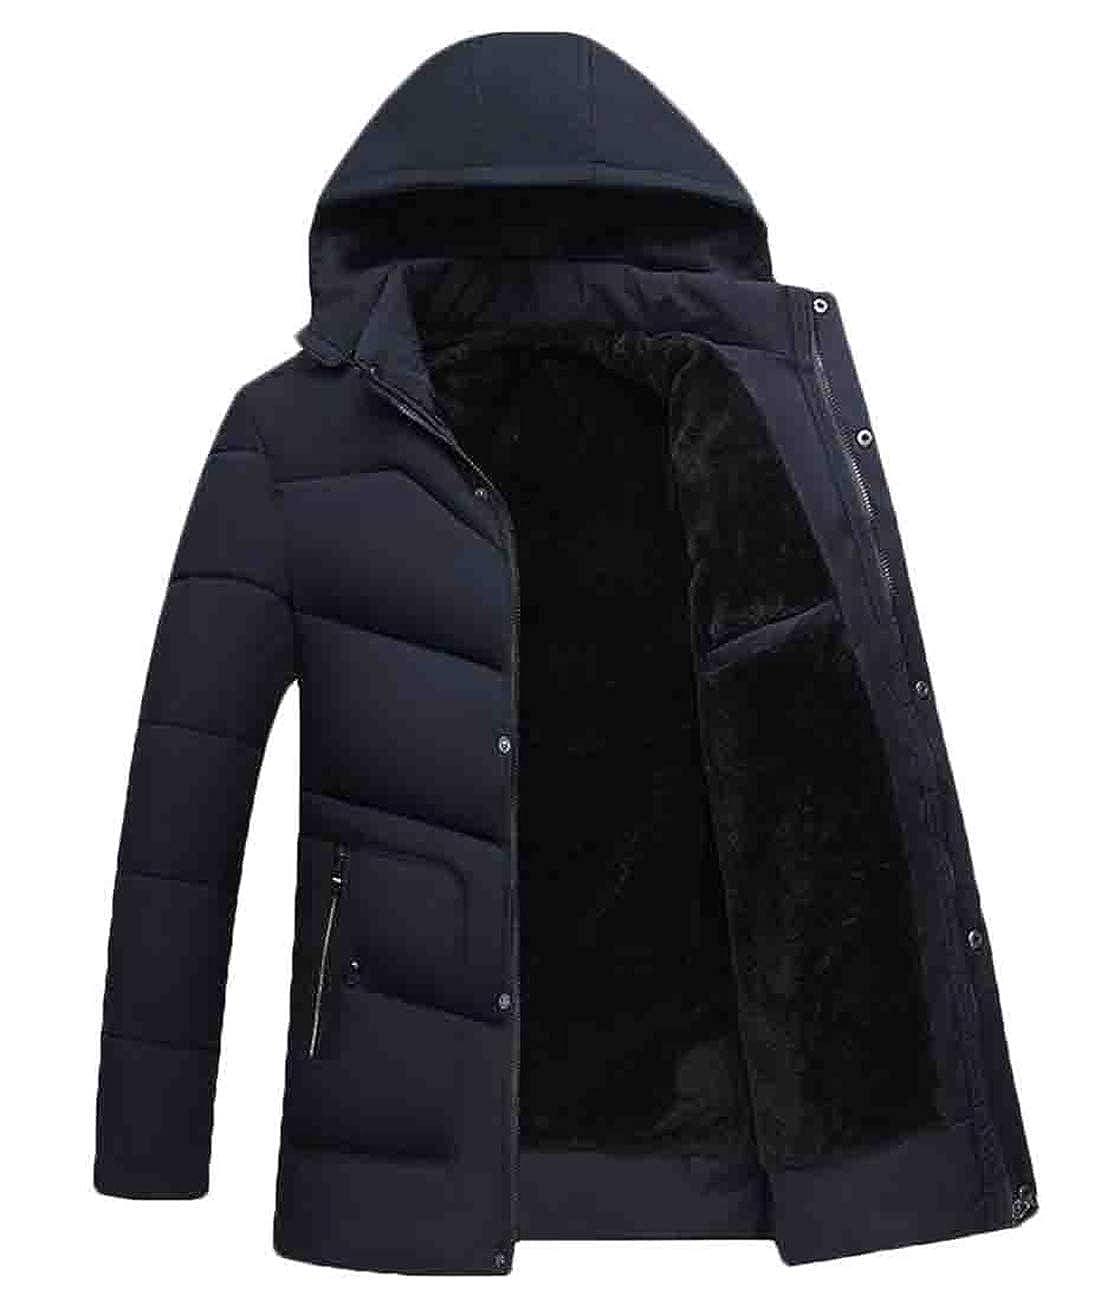 Frieed Men Hooded Casual Outwear Zipper Thicken Fleece Lined Down Puffer Jacket